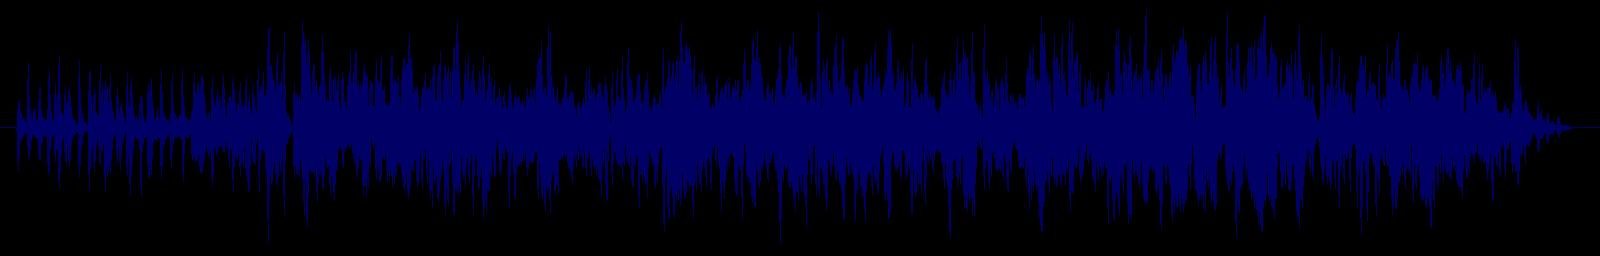 waveform of track #122753